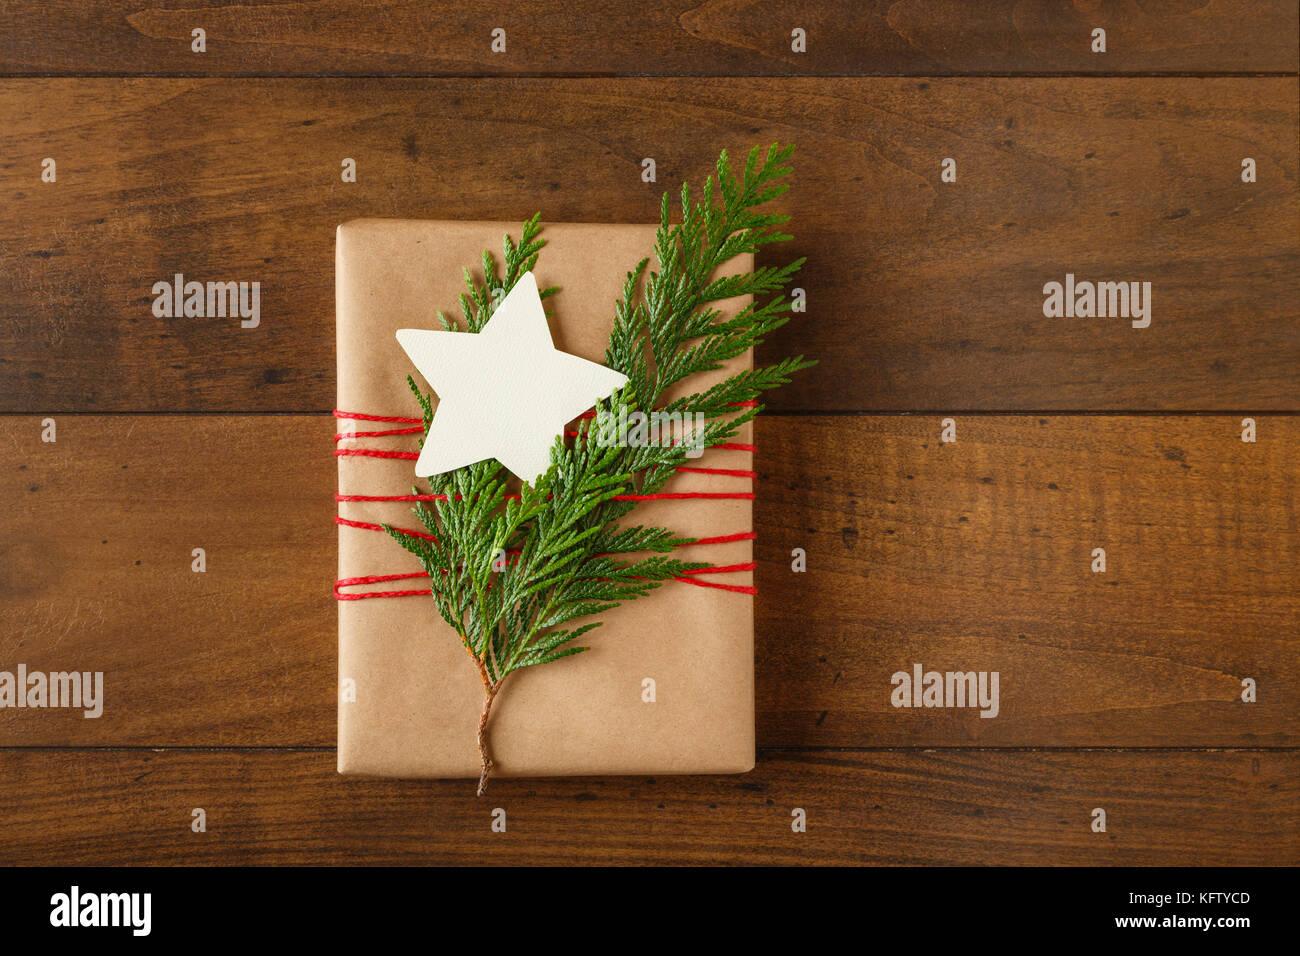 Cadeaux de Noël présent enveloppé dans du papier d'emballage recyclé avec evergreen naturel Photo Stock